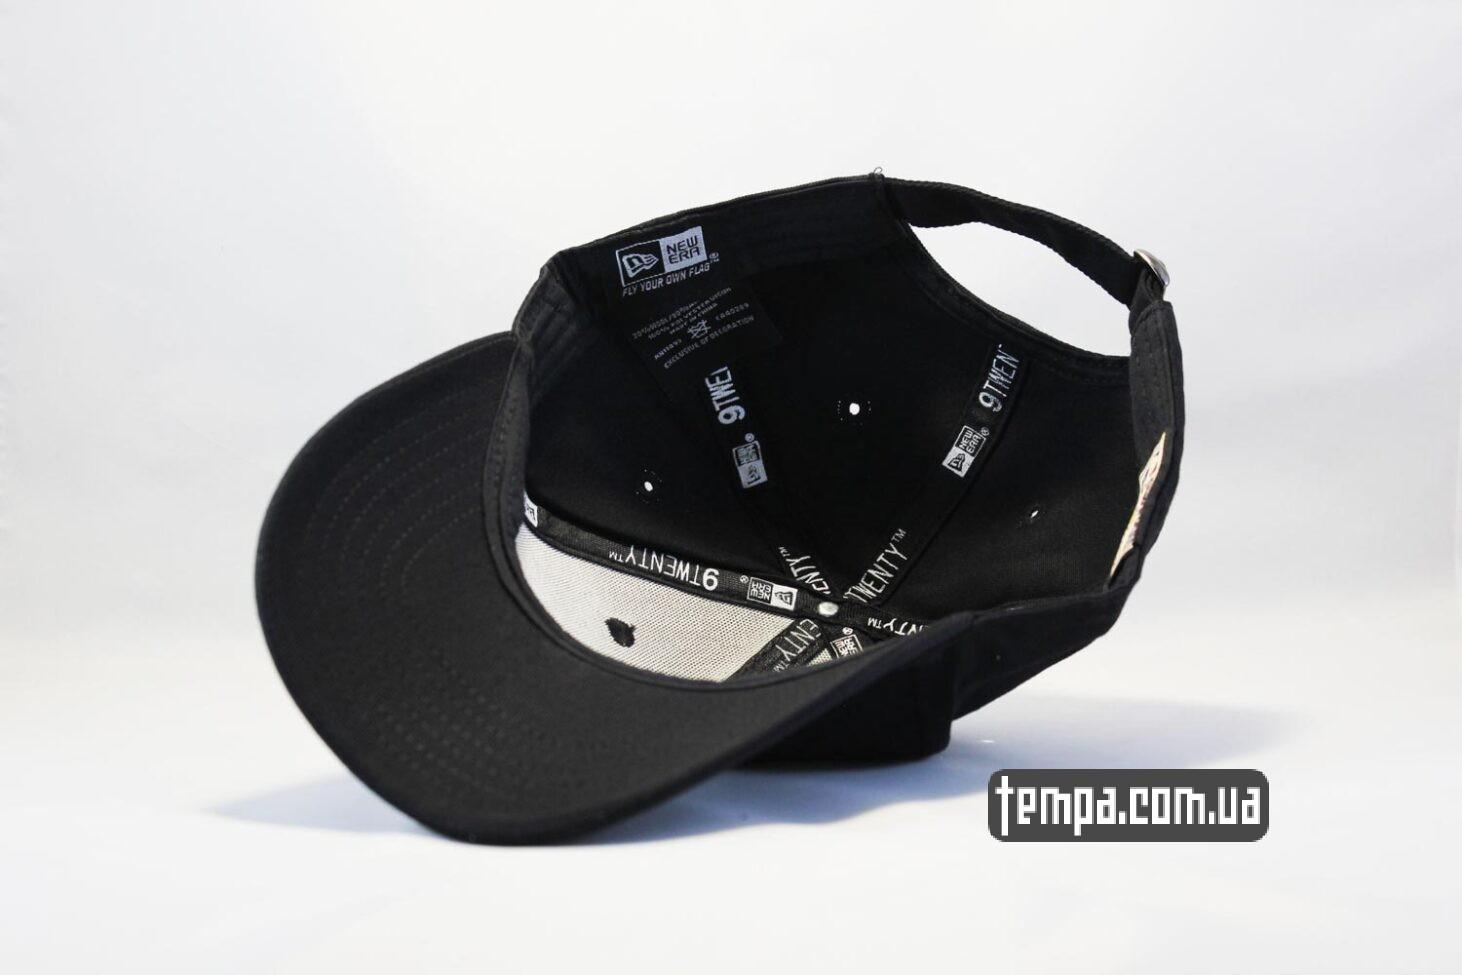 снепбеки украина кепка бейсболка chicago bulls черная new era 9twnty с быком